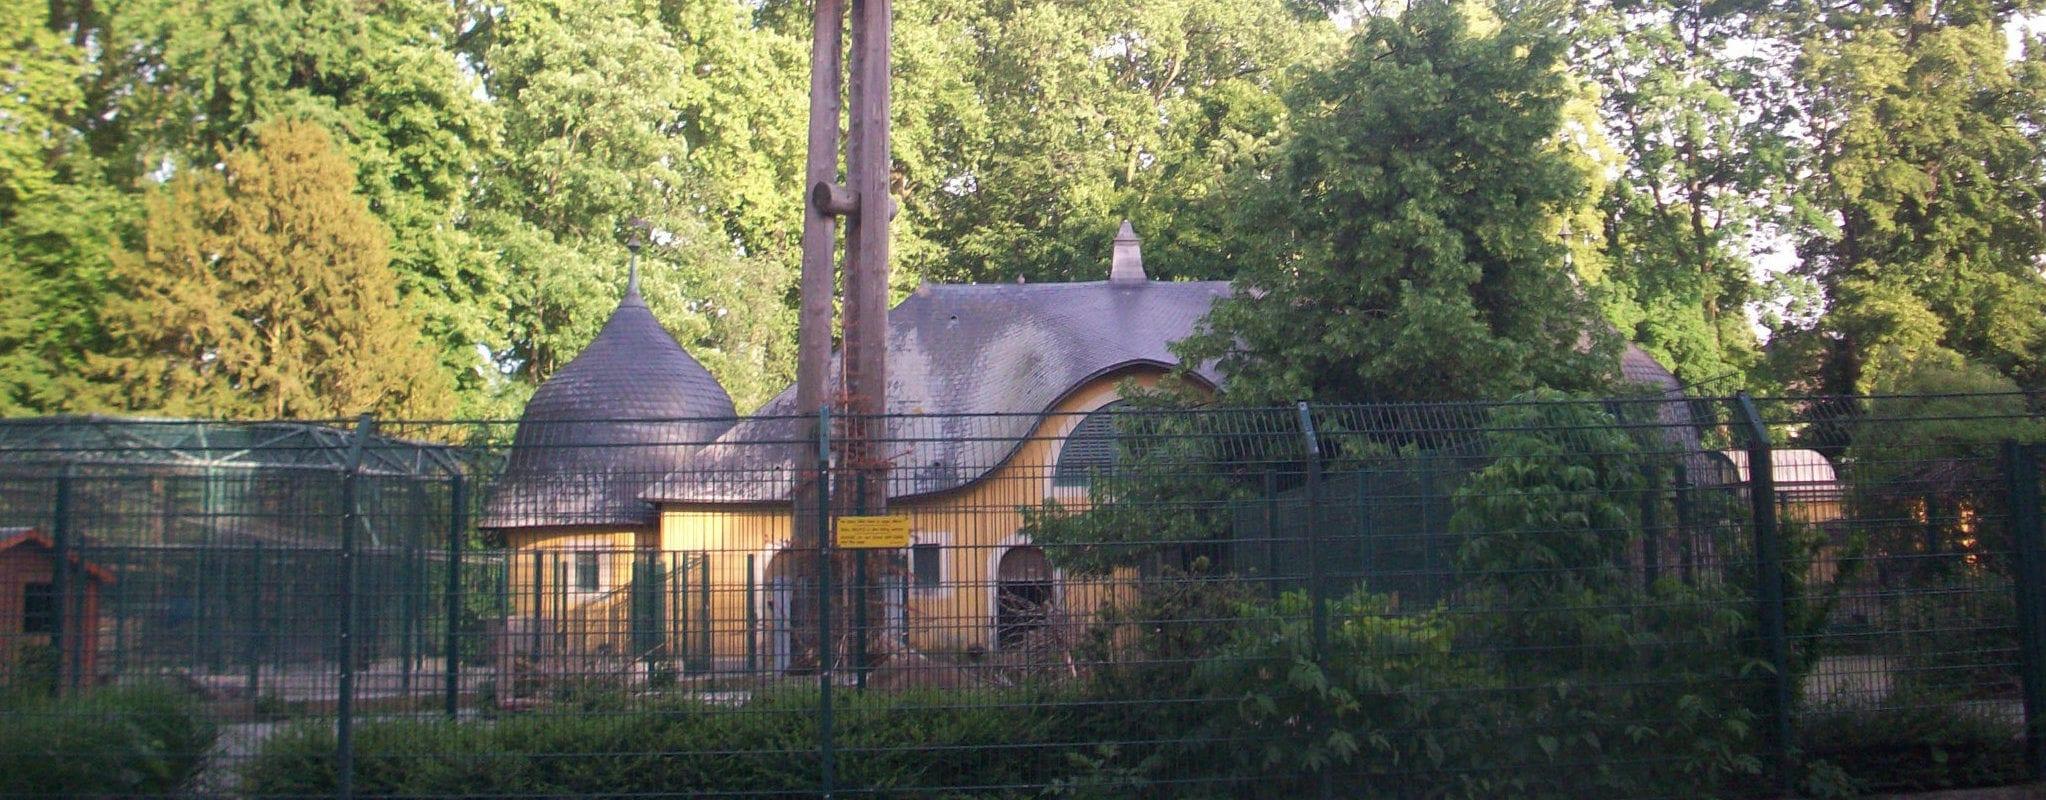 Début de la mue du zoo de l'Orangerie, les lynx s'en vont